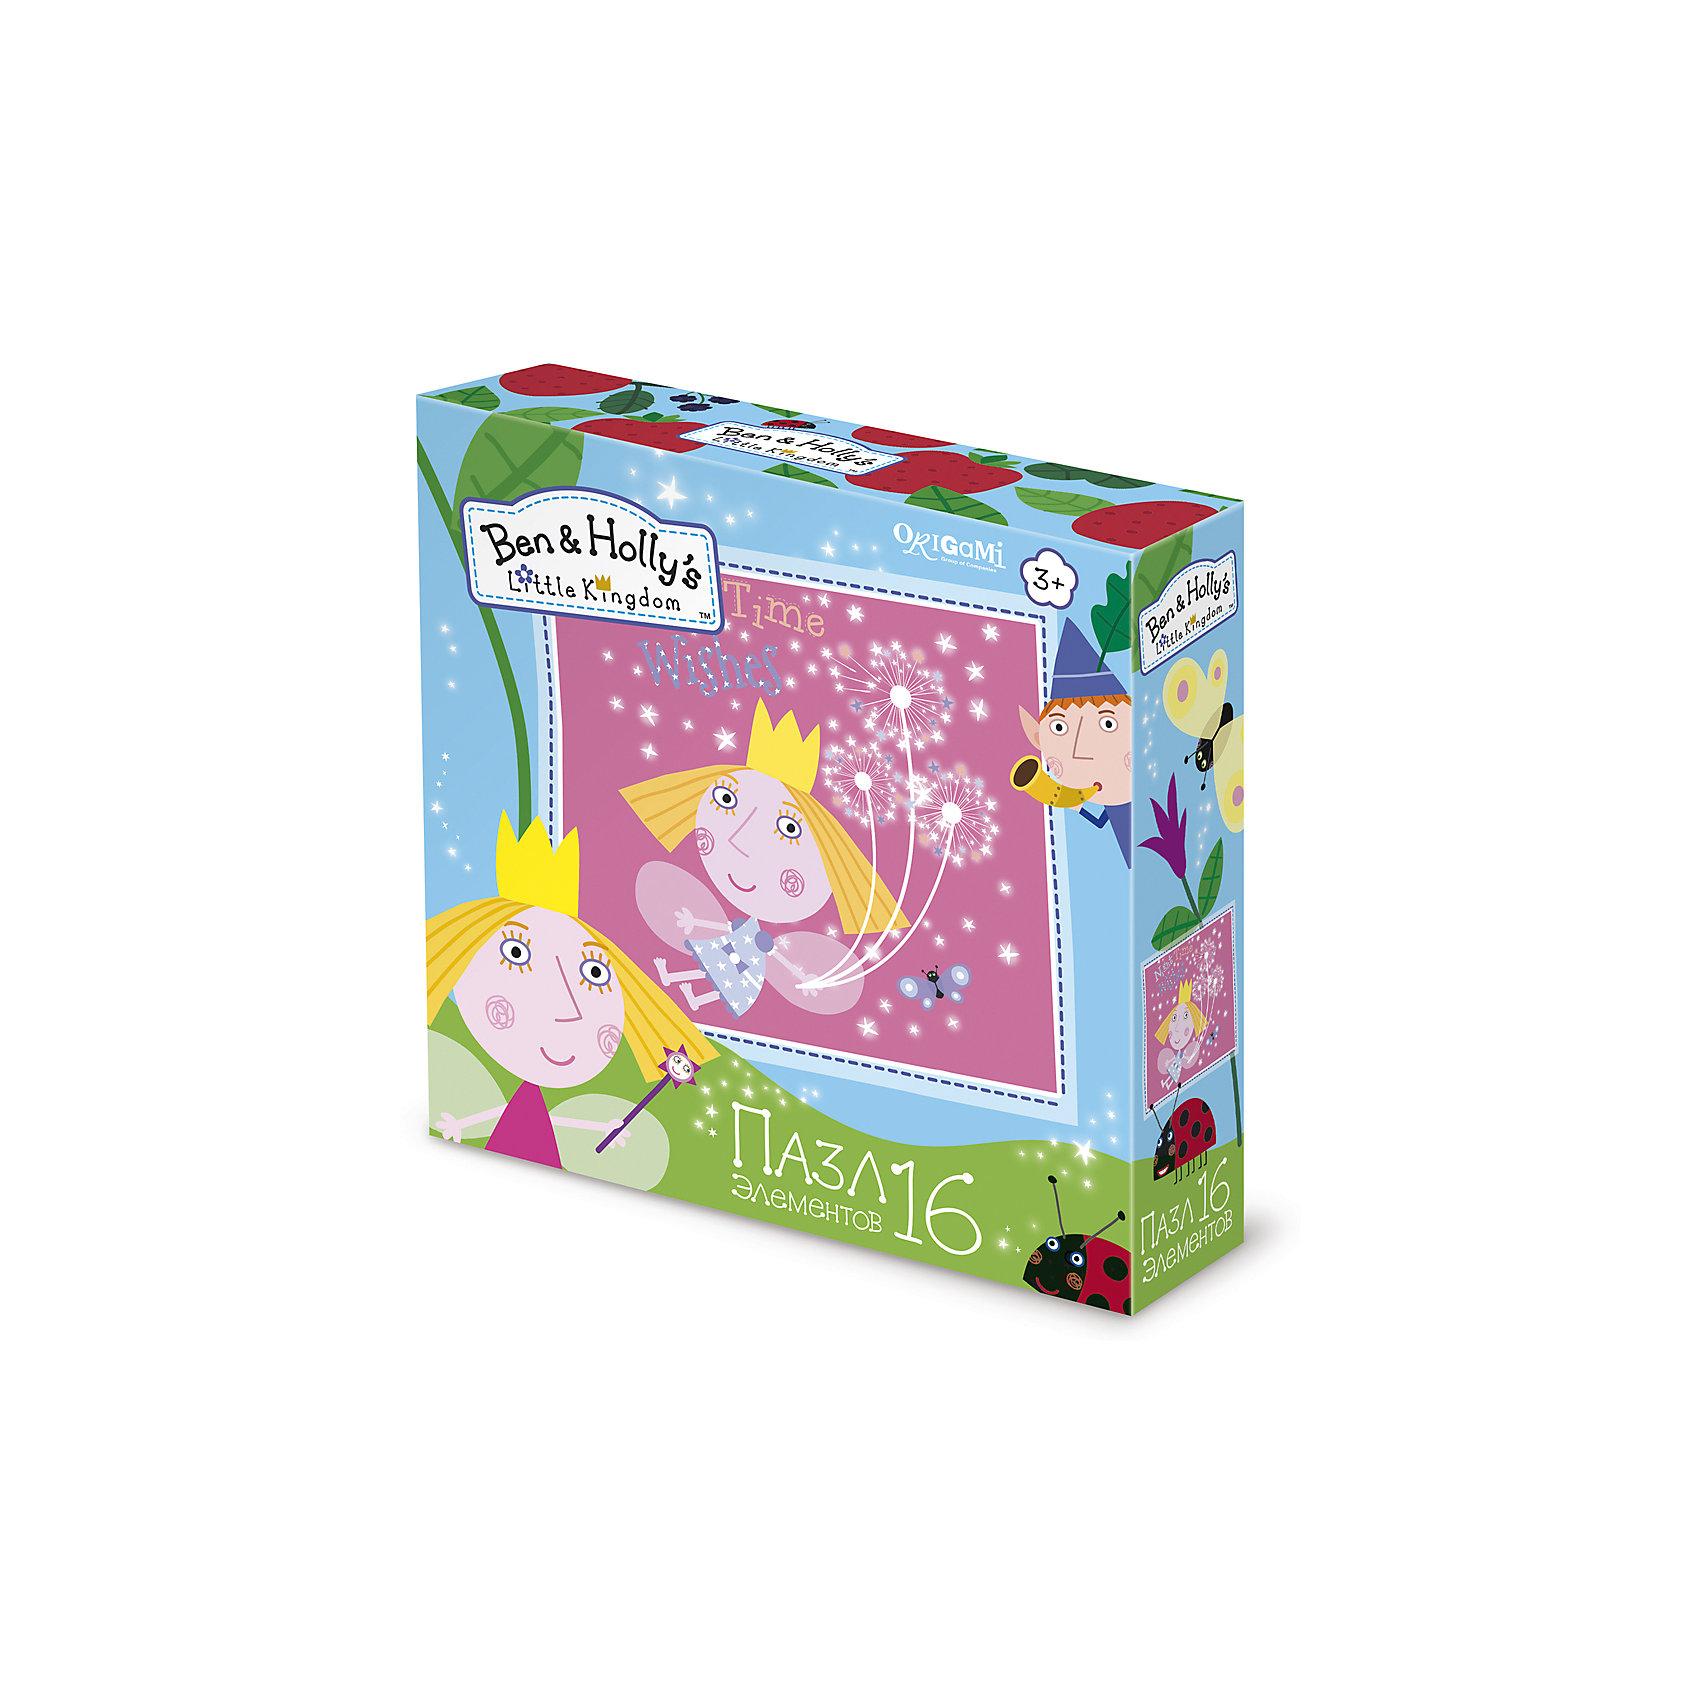 Пазл Настоящая принцесса, Бен и Холли, OrigamiПазлы для малышей<br>Пазл 16 элементов. Комплектность: поле (220х220). Рекомендованный возраст 3+.<br><br>Ширина мм: 150<br>Глубина мм: 45<br>Высота мм: 150<br>Вес г: 100<br>Возраст от месяцев: 36<br>Возраст до месяцев: 72<br>Пол: Унисекс<br>Возраст: Детский<br>SKU: 5528391